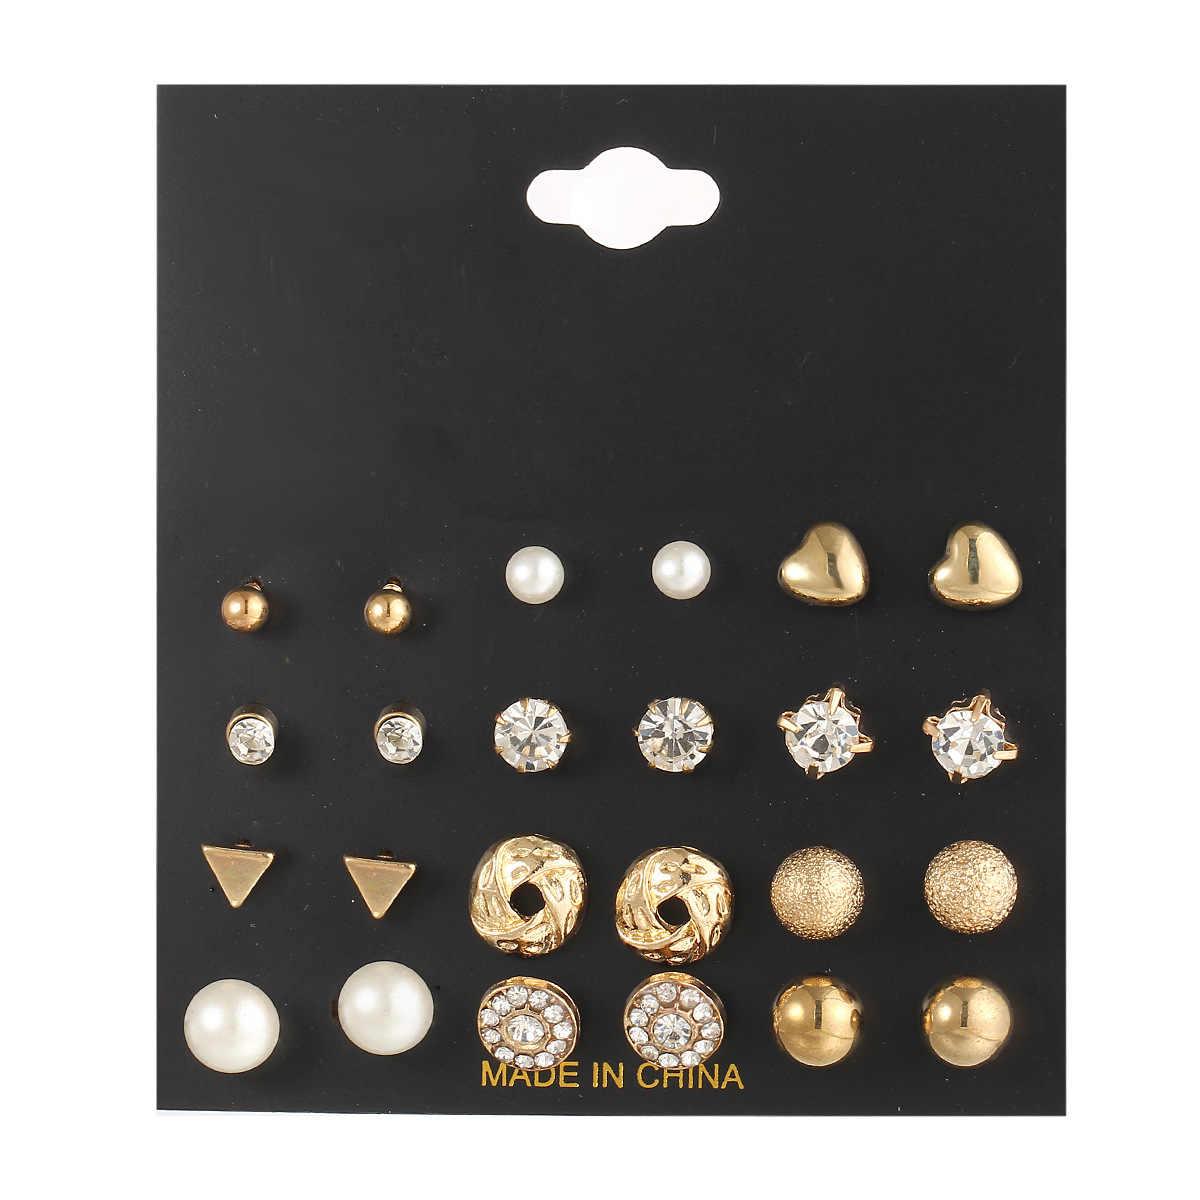 12 par małe śliczne stadniny zestaw kolczyków małe koreański kolczyki biżuteria kobiety dziewczyna dla nowożeńców damskie serca piłka biżuteria hurtownie Vintage